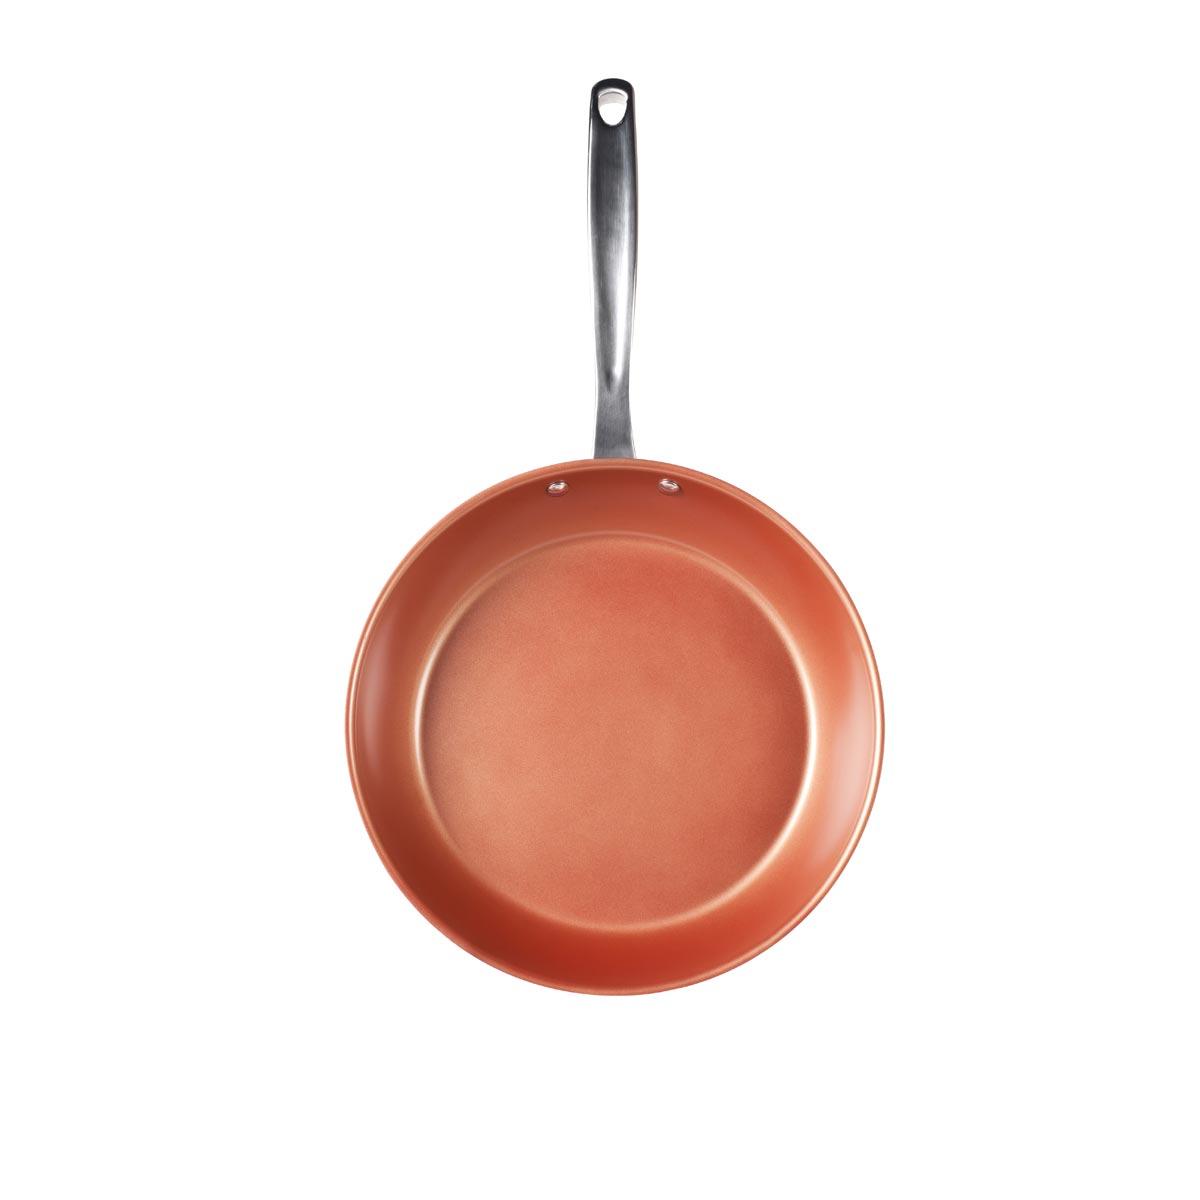 27cm (10.5 INCH) NON-STICK FRY PAN - PC08-85